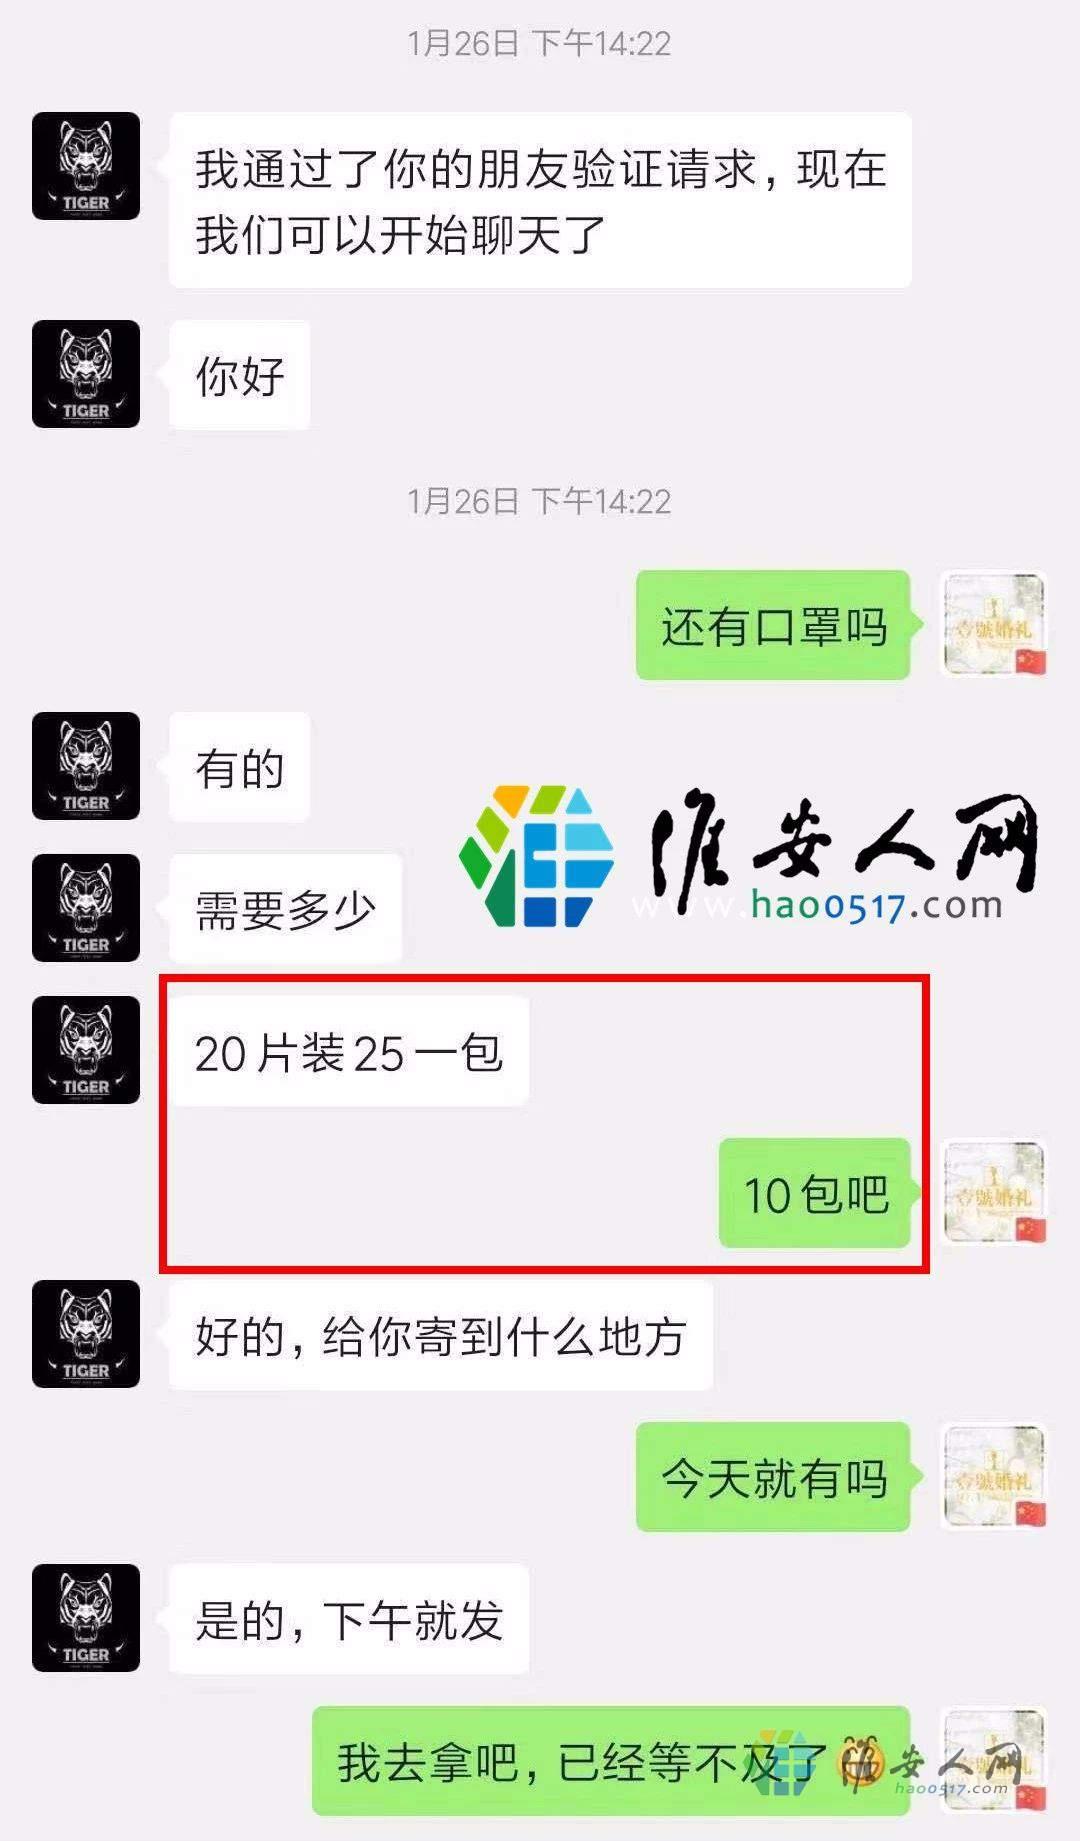 微信图片_20200204160014.jpg